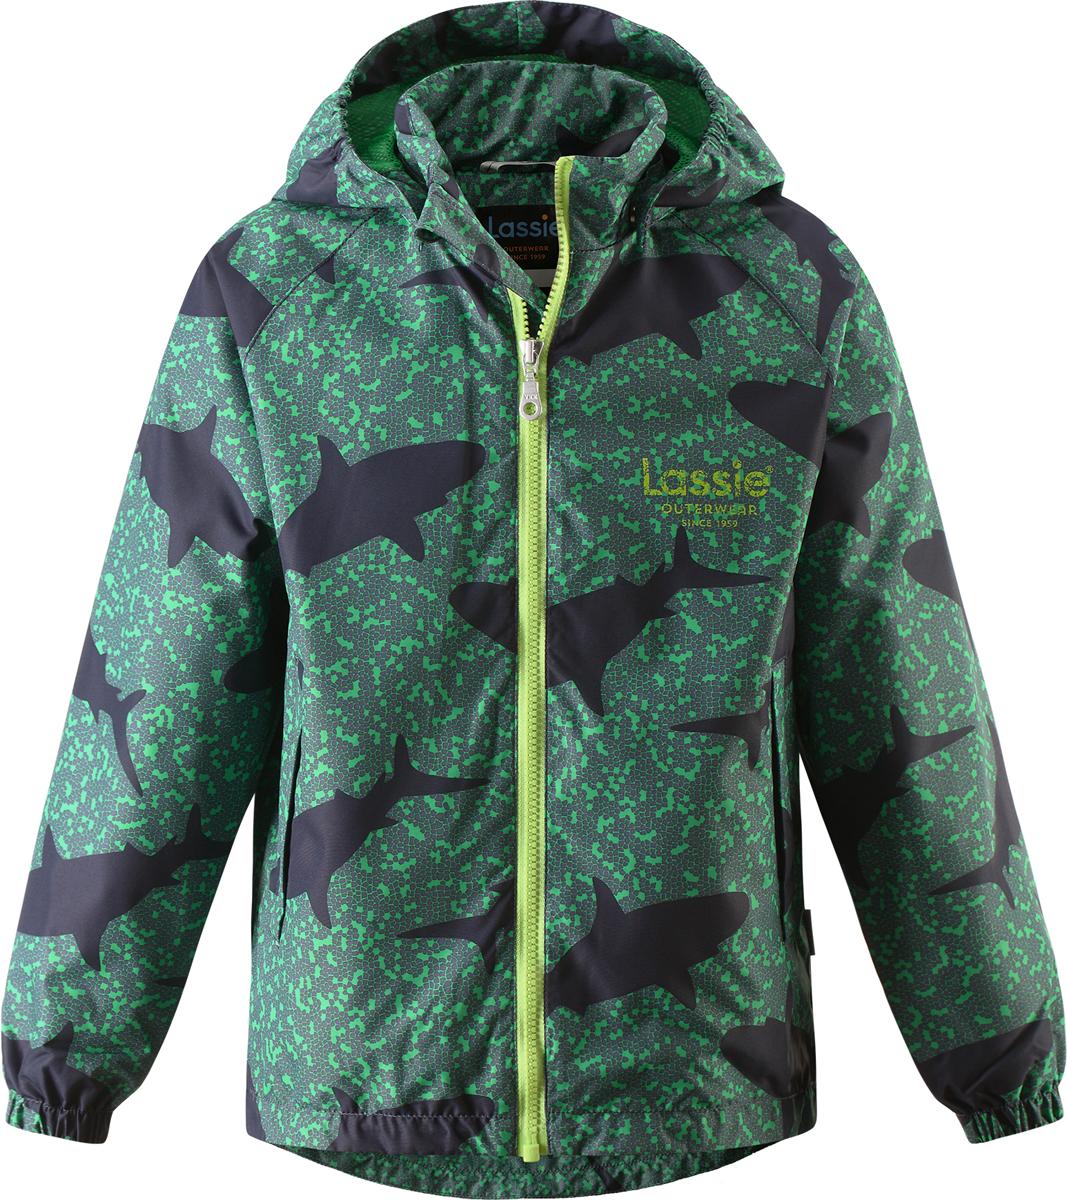 Куртка721705R669Куртка для мальчика Lassie с легкой степенью утепления изготовлена из ветронепроницаемого, водо- и грязеотталкивающего материала. Куртка прямого кроя с воротником-стойкой и съемным капюшоном застегивается на молнию с защитой подбородка и дополнительно имеет внутреннюю ветрозащитную планку. Капюшон пристегивается к куртке при помощи кнопок. Капюшон по краям и манжеты рукавов присборены на резинки. Спереди расположены два удобных прорезных кармана липучках. Теплая, комфортная и практичная куртка идеально подойдет для прогулок и игр на свежем воздухе! Температурный режим от 0°С до -10°С.